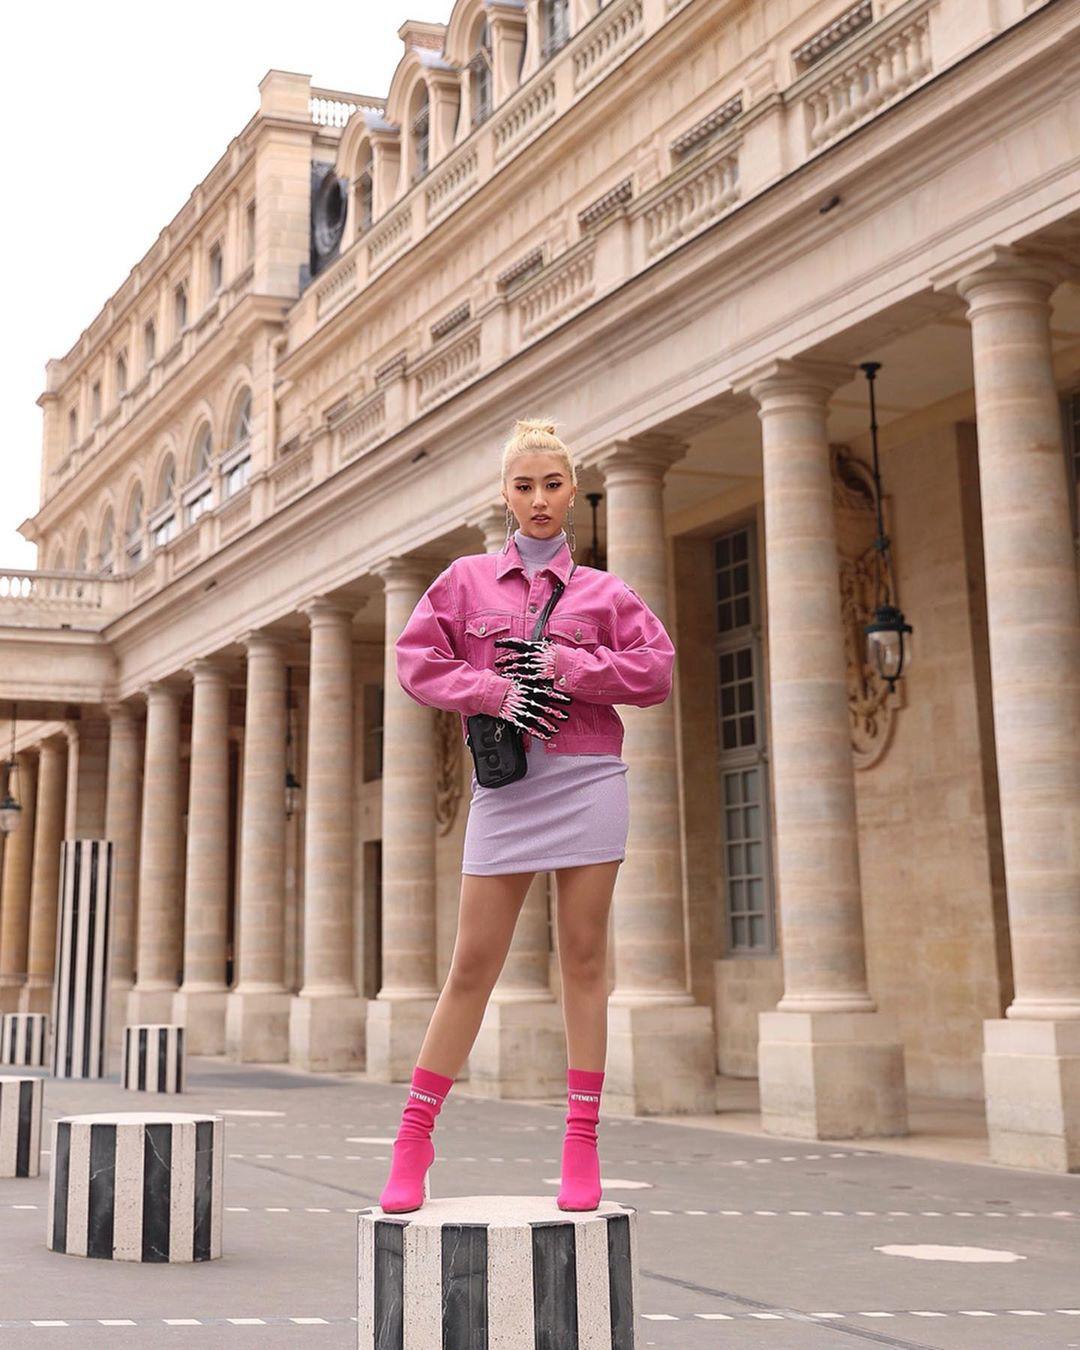 Xét khoản mặc dị tại Paris Fashion Week mùa này, Quỳnh Anh Shyn mà nhận hạng 2 chắc không ai dám làm số 1 - Ảnh 5.